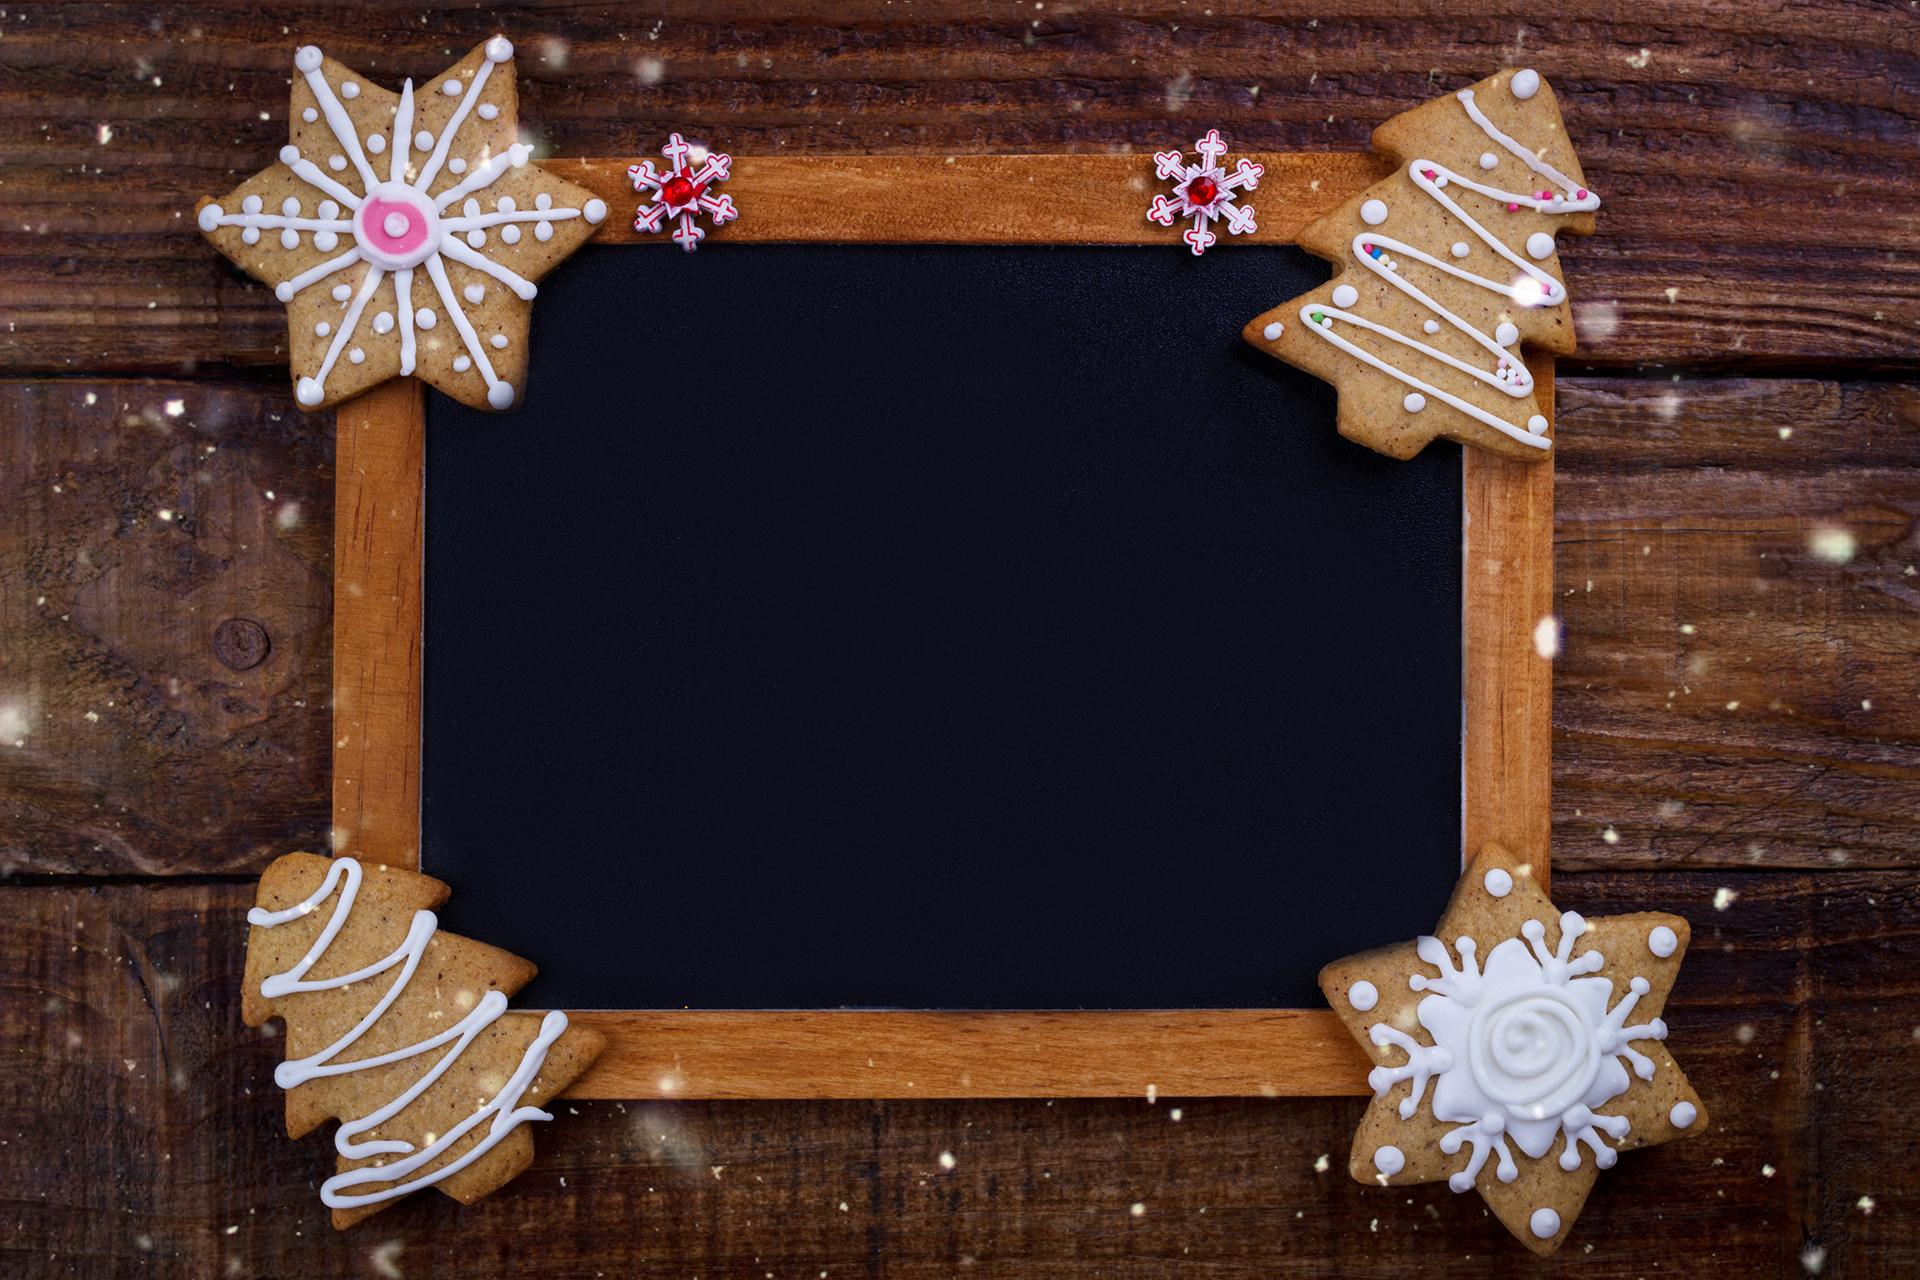 świąteczna ramka DIY